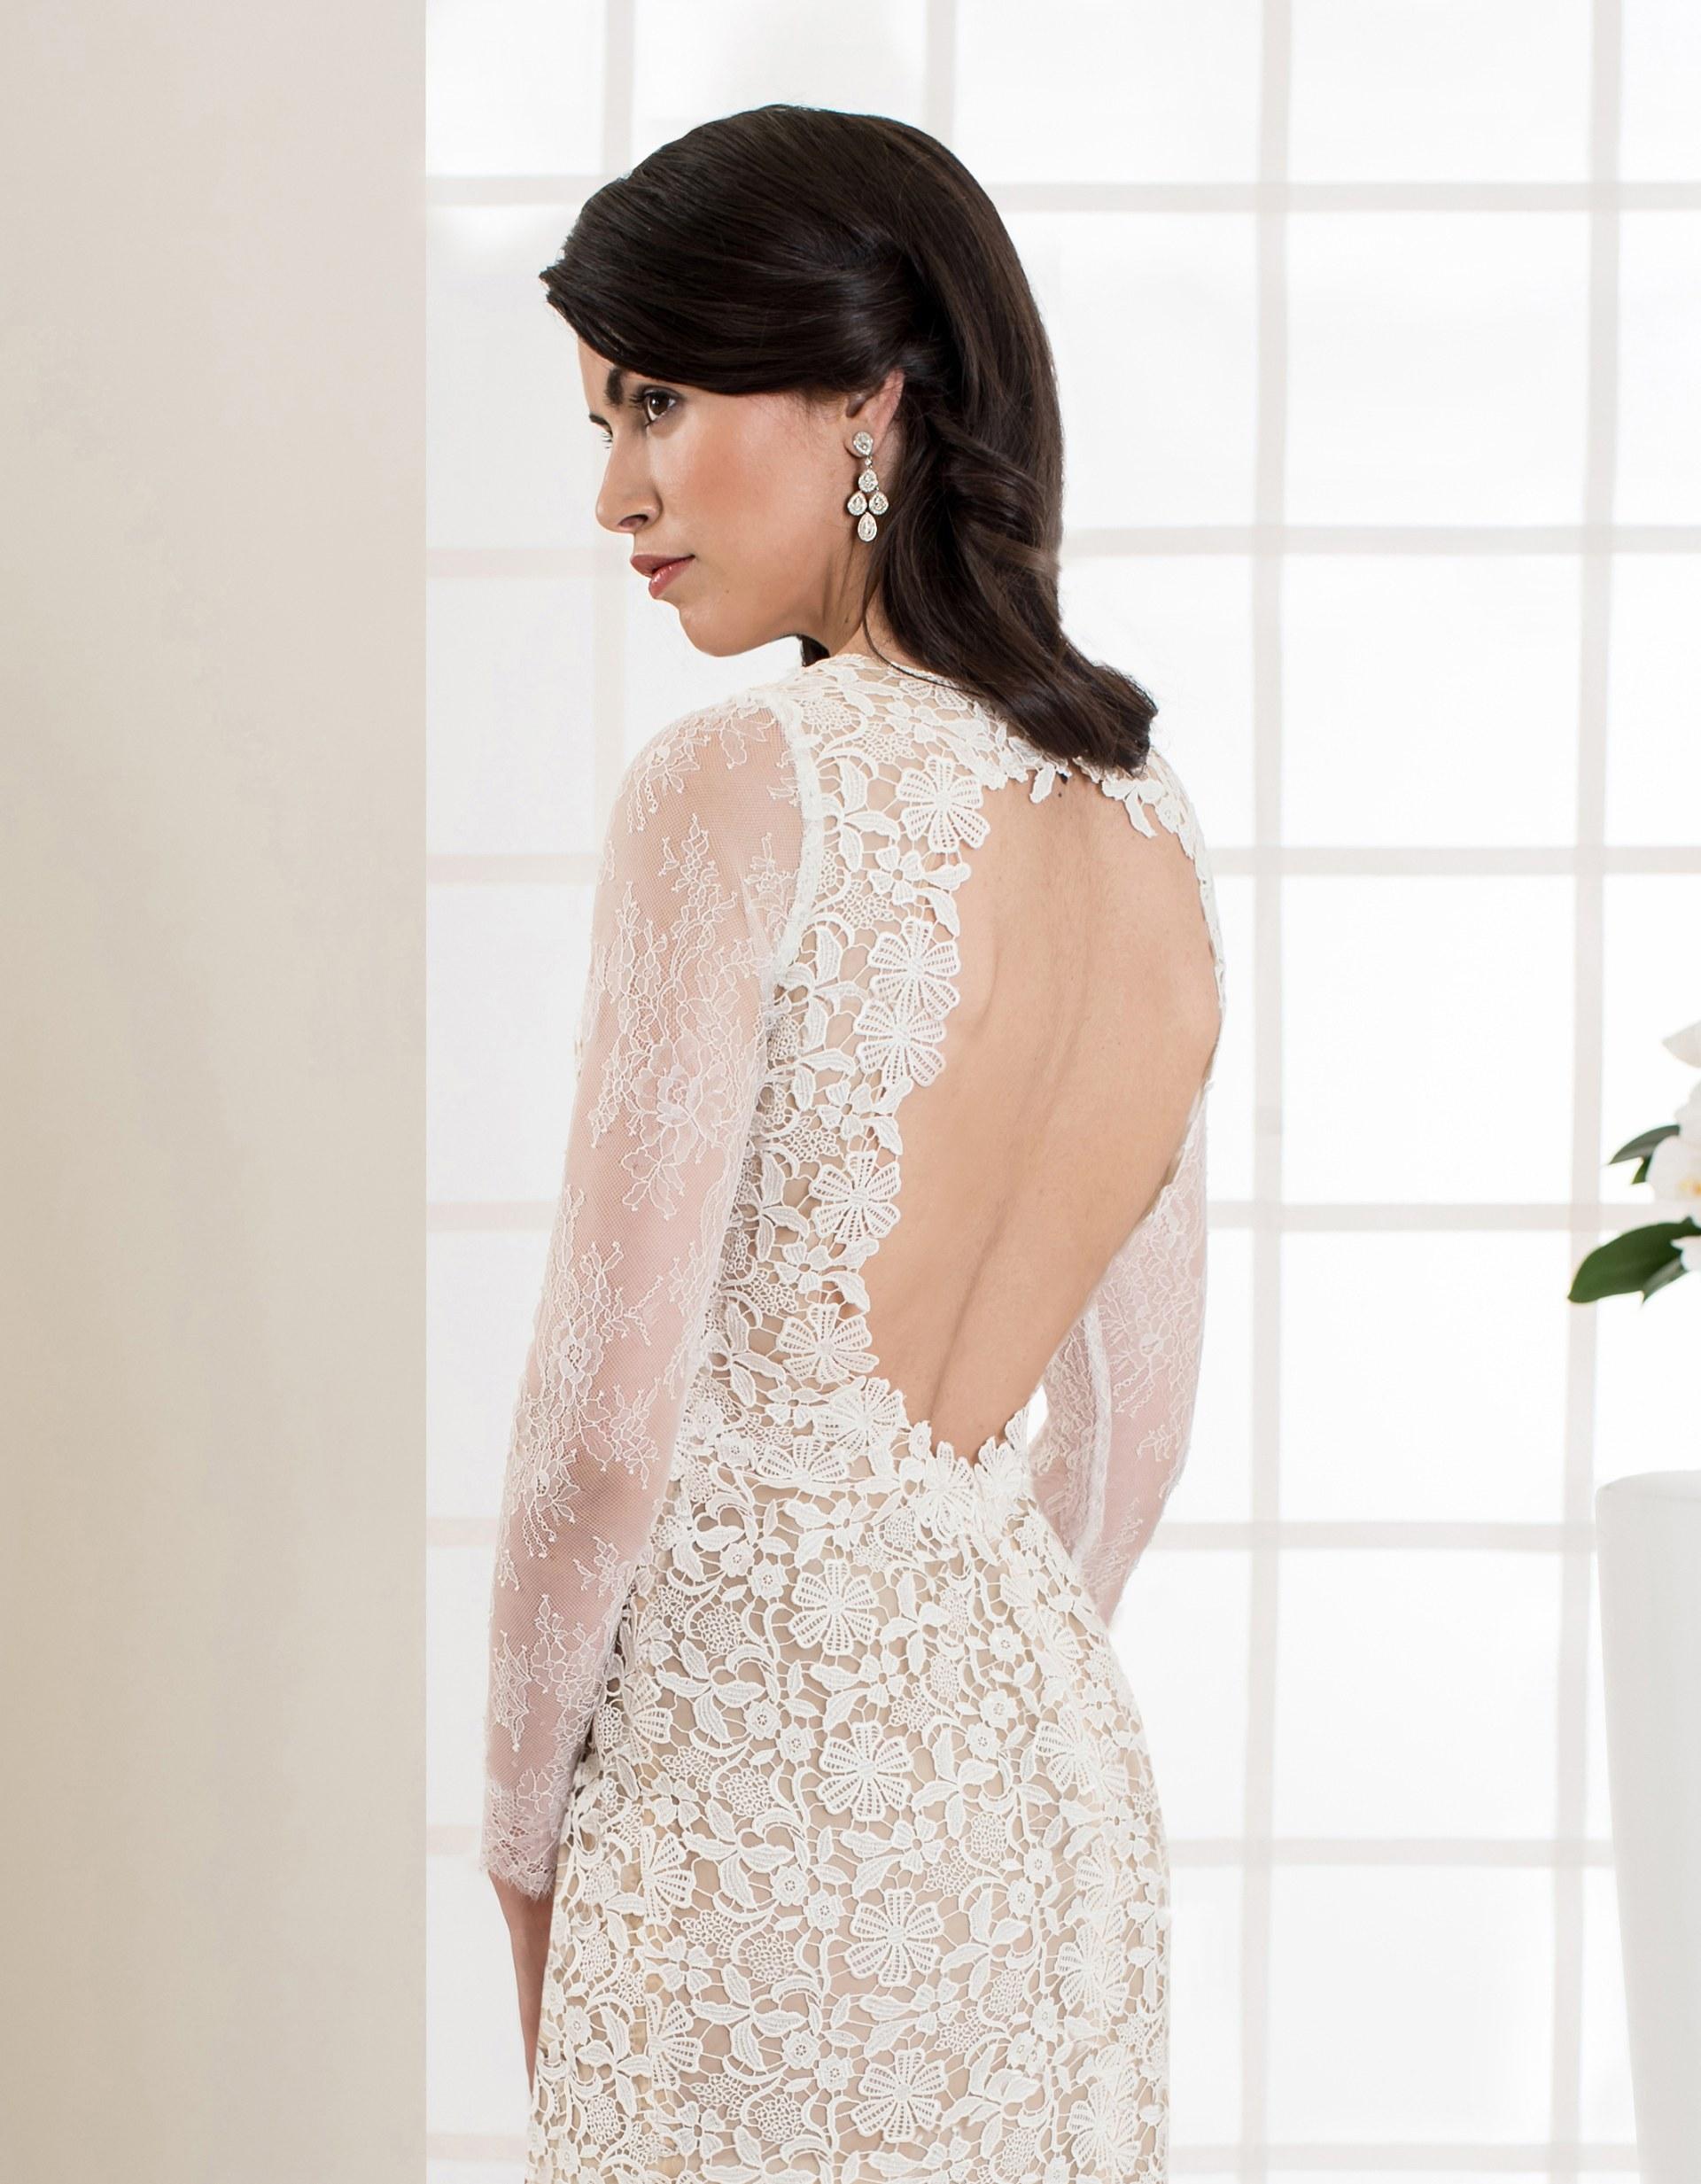 Fantastisch Kurze Spitze Brautkleid Mit ärmeln Fotos - Hochzeit ...